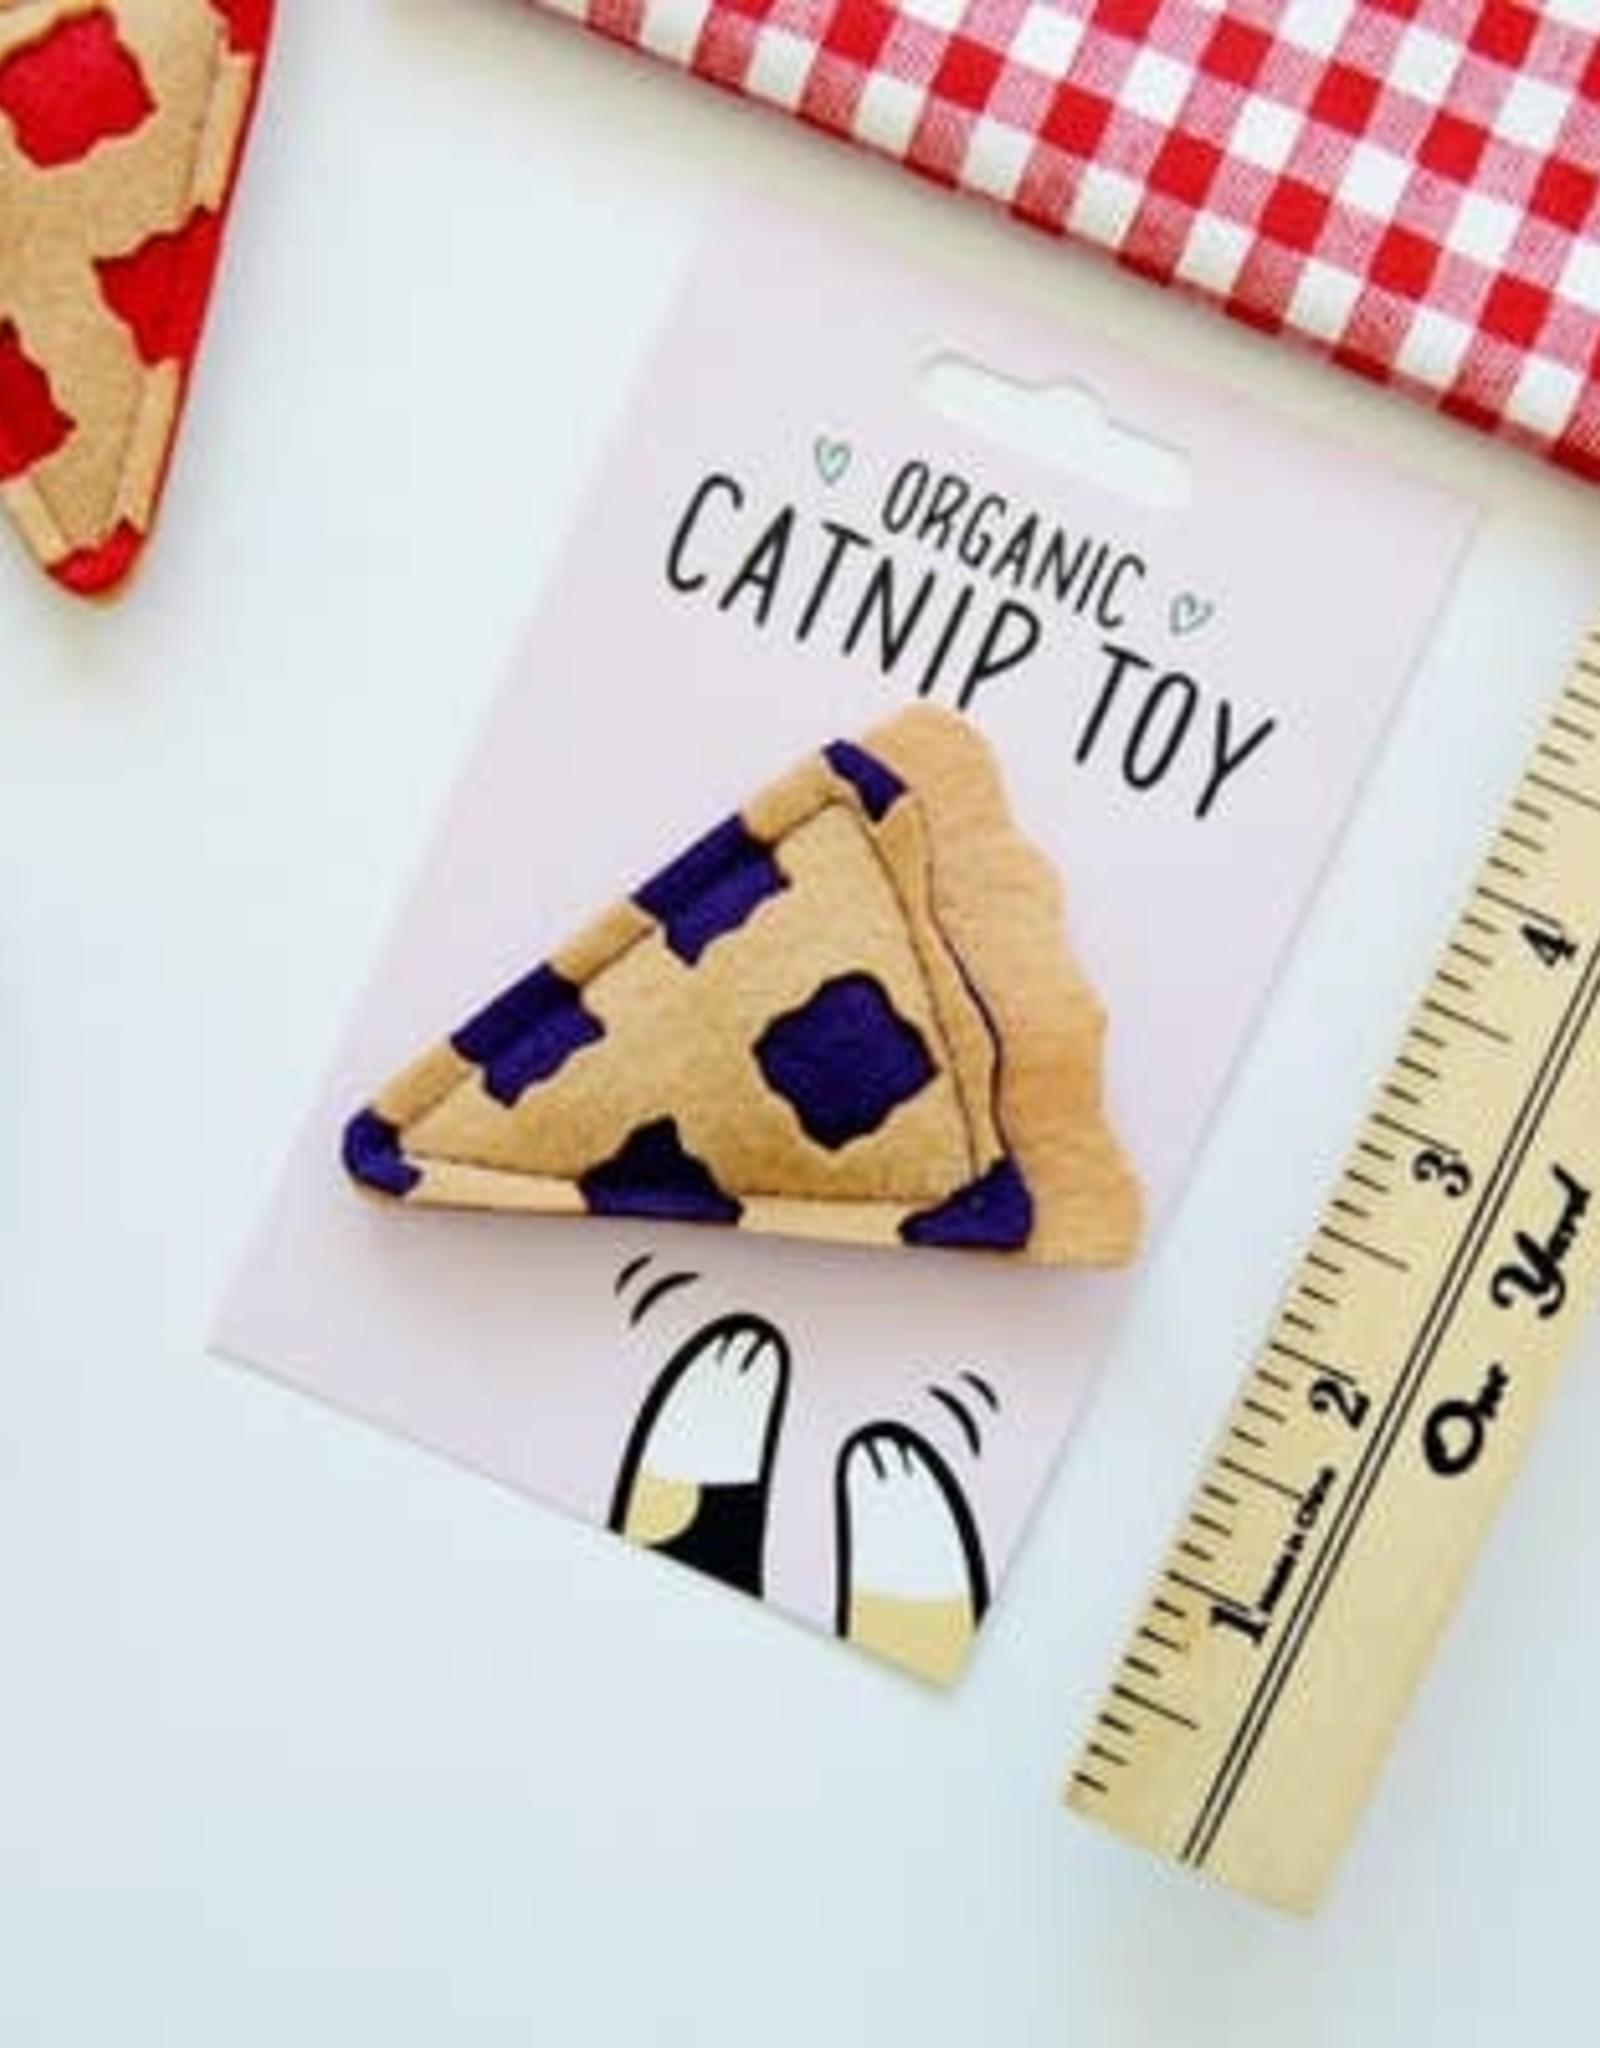 Housecat Club Catnip Pie Slice Toy